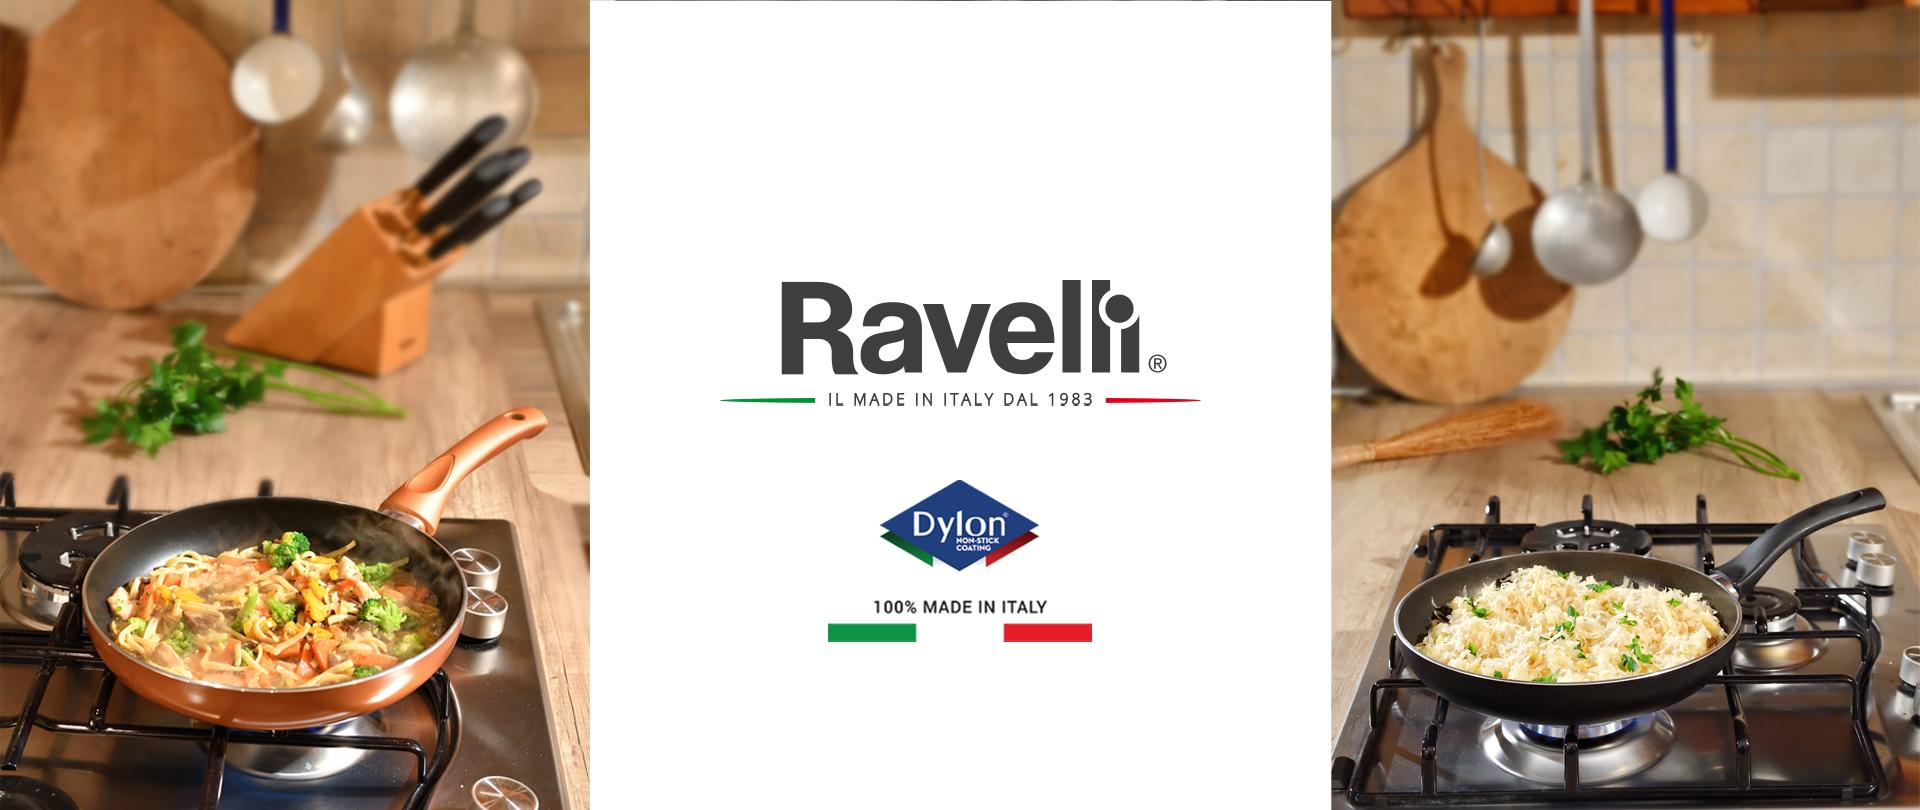 Ravelli28